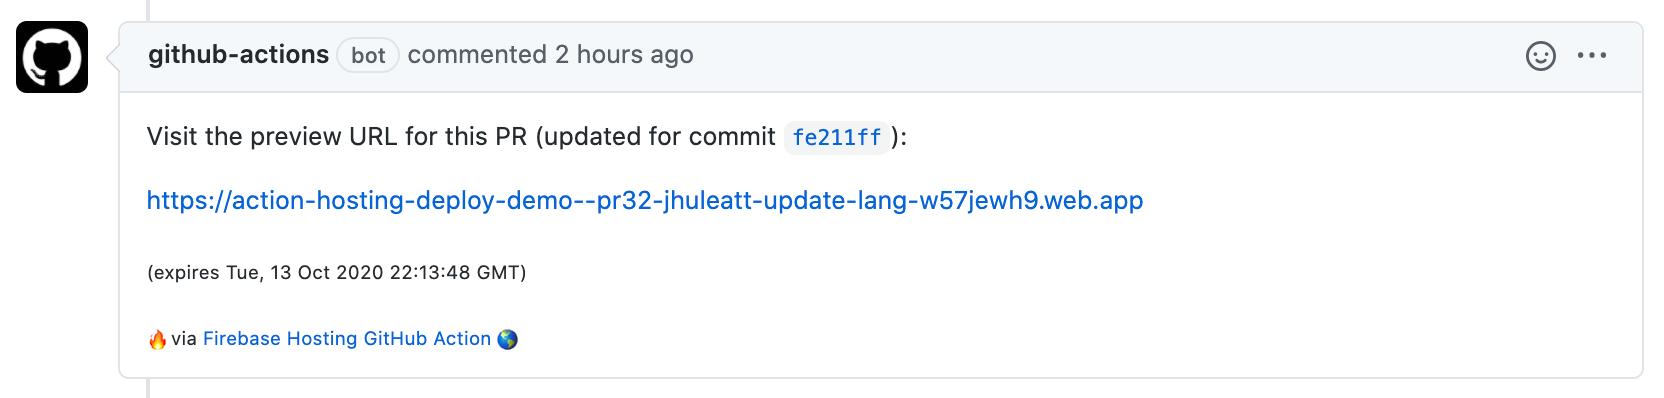 带有预览 URL 的 GitHub Action PR 评论图像